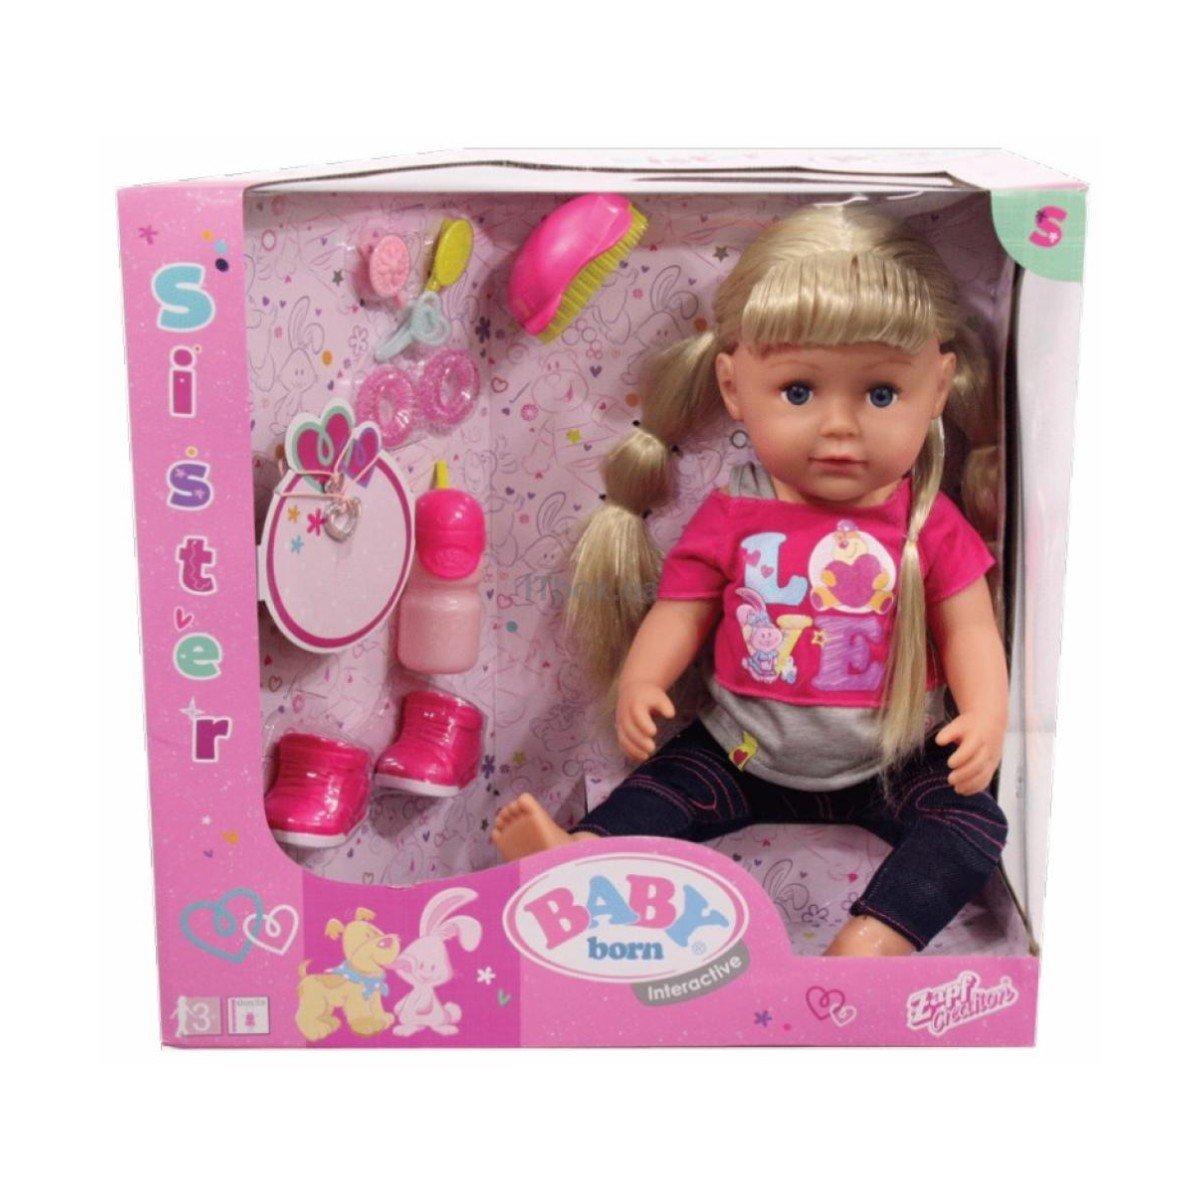 Купить Куклы и наборы, Интерактивная кукла Baby Born Старшая сестренка, 43 см 820704 ТМ: BABY born